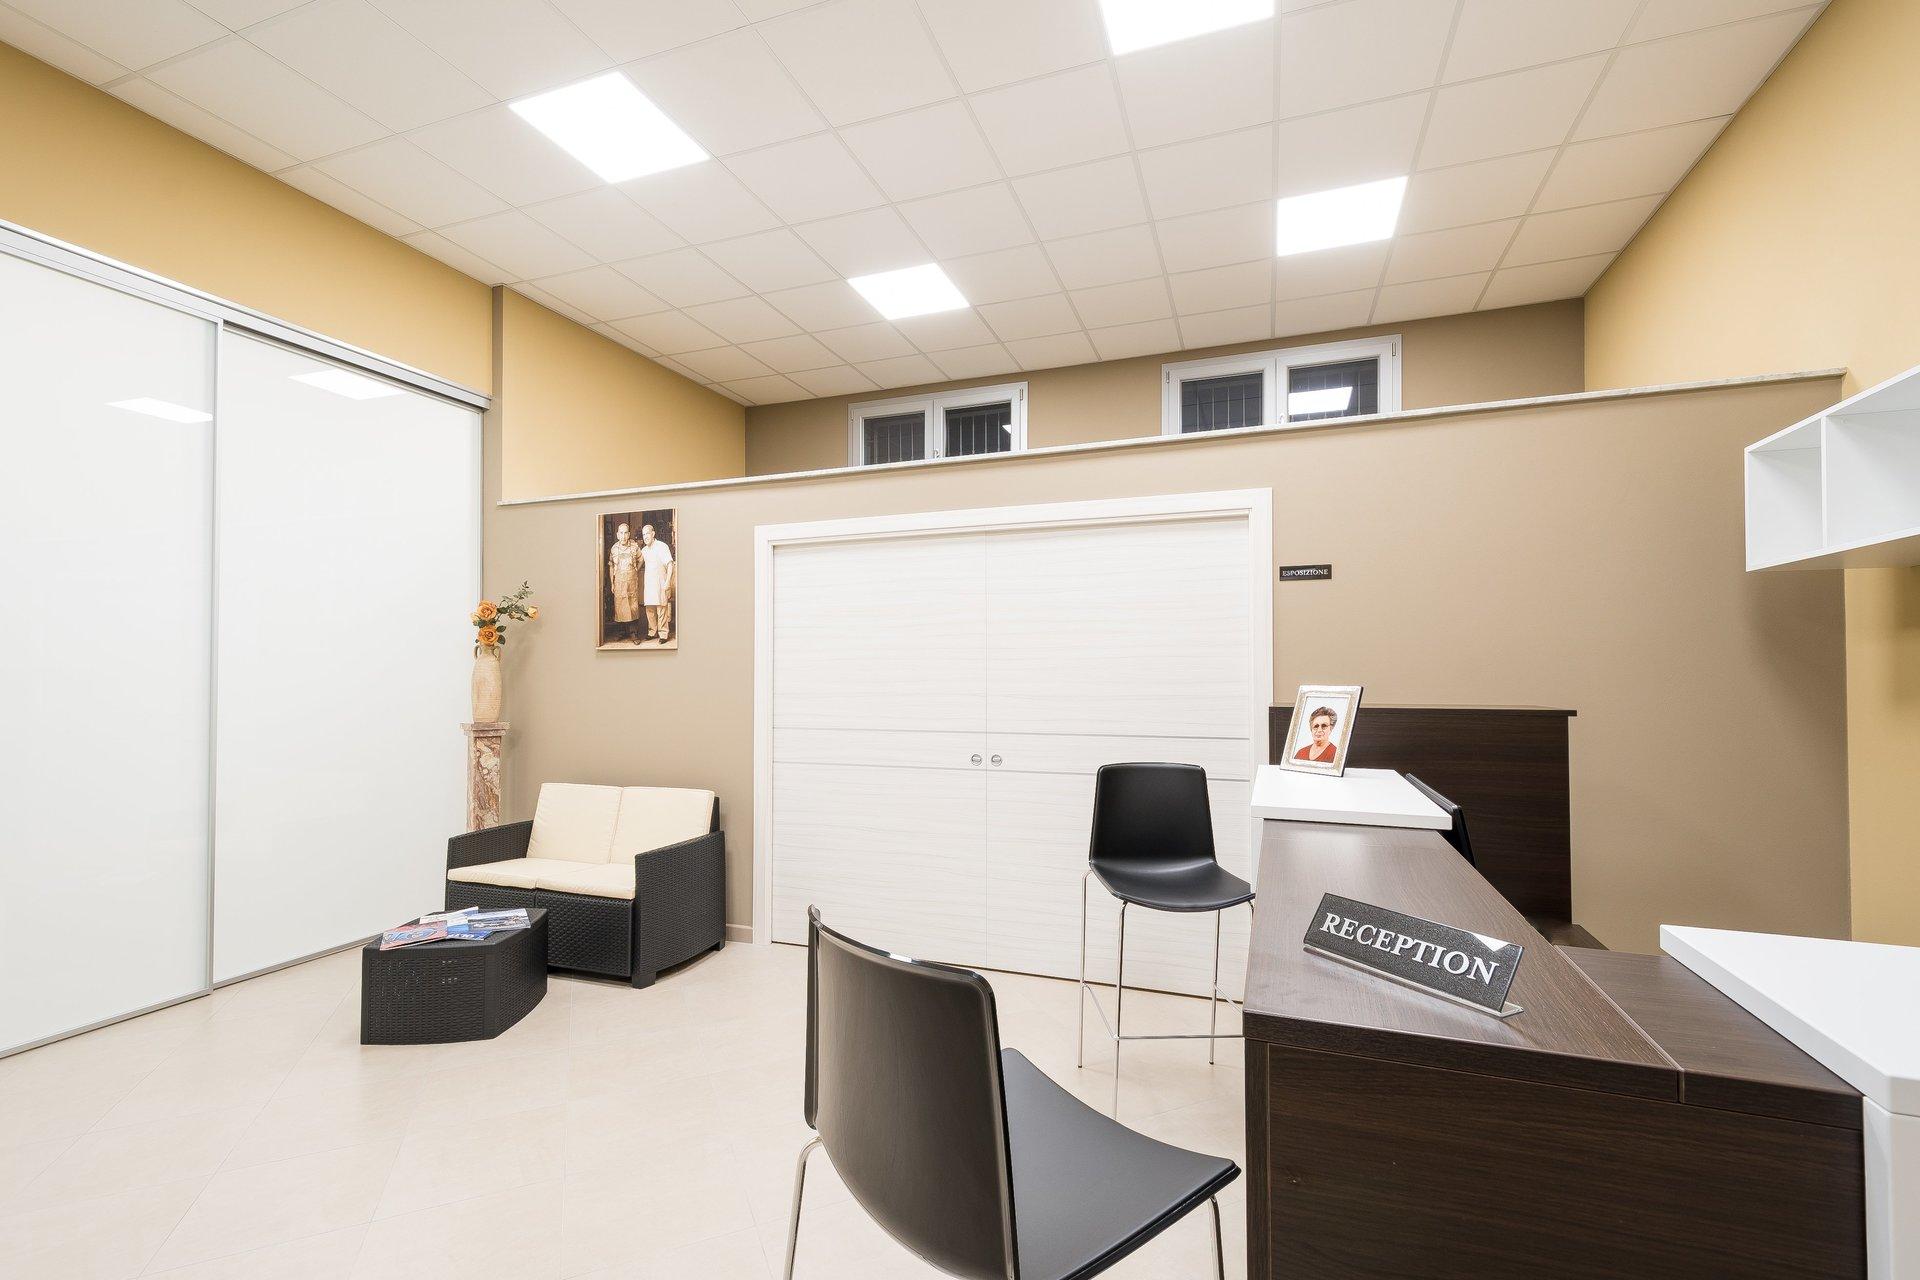 Sala di accoglienza e di attesa